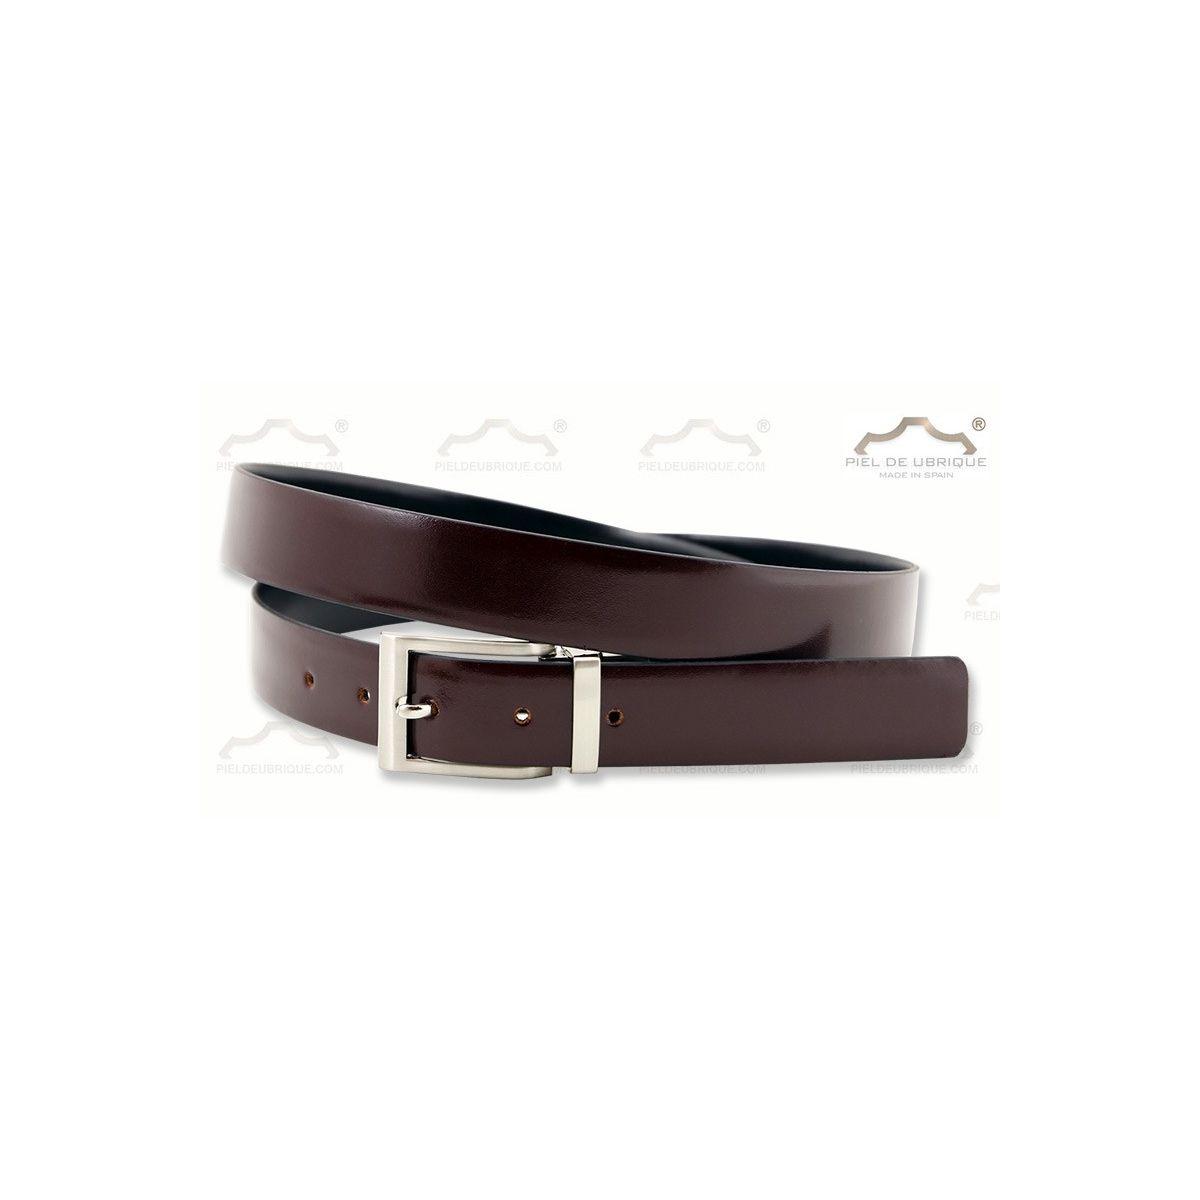 9231923b8 Cinturón para hombre piel reversible · Cinturón para hombre piel reversible